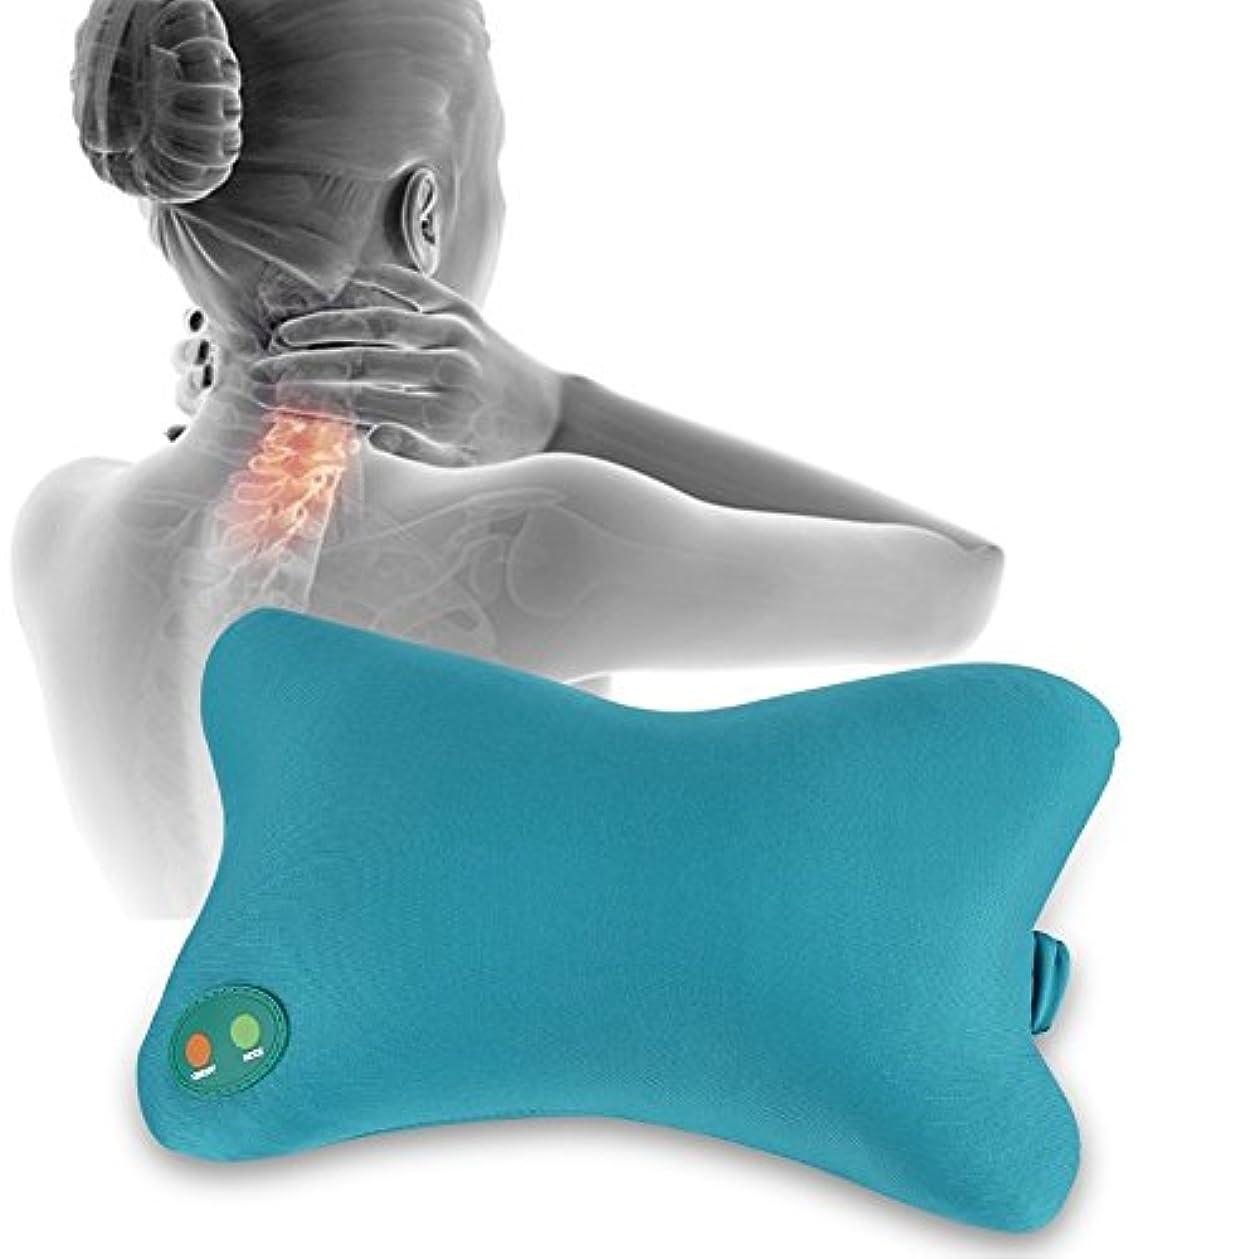 ボーカルタップベストマッサージピロー、背中の痛みを軽減するための柔らかい電気ネックマッサージの刺激のクッション車のオフィスホームナップの使用、CEの承認